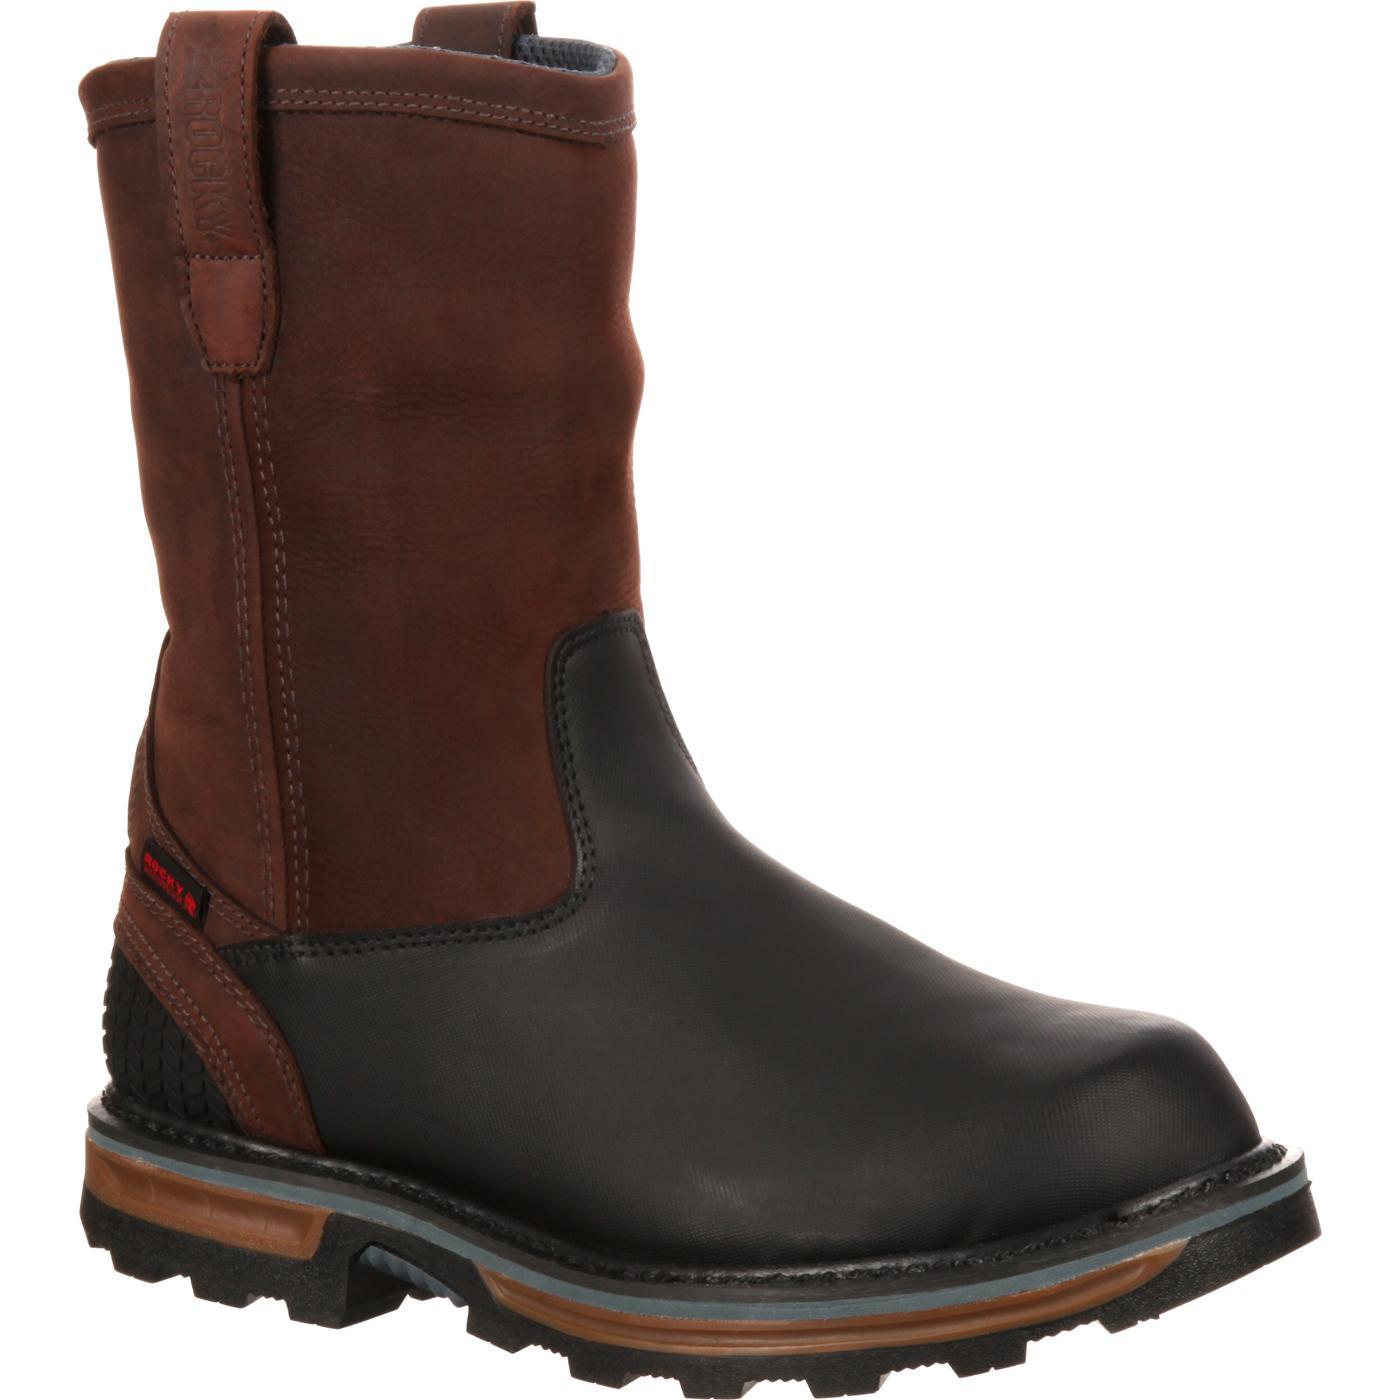 554a19b52c7 Rocky Elements Block Steel Toe Waterproof Pull-On Work Boot